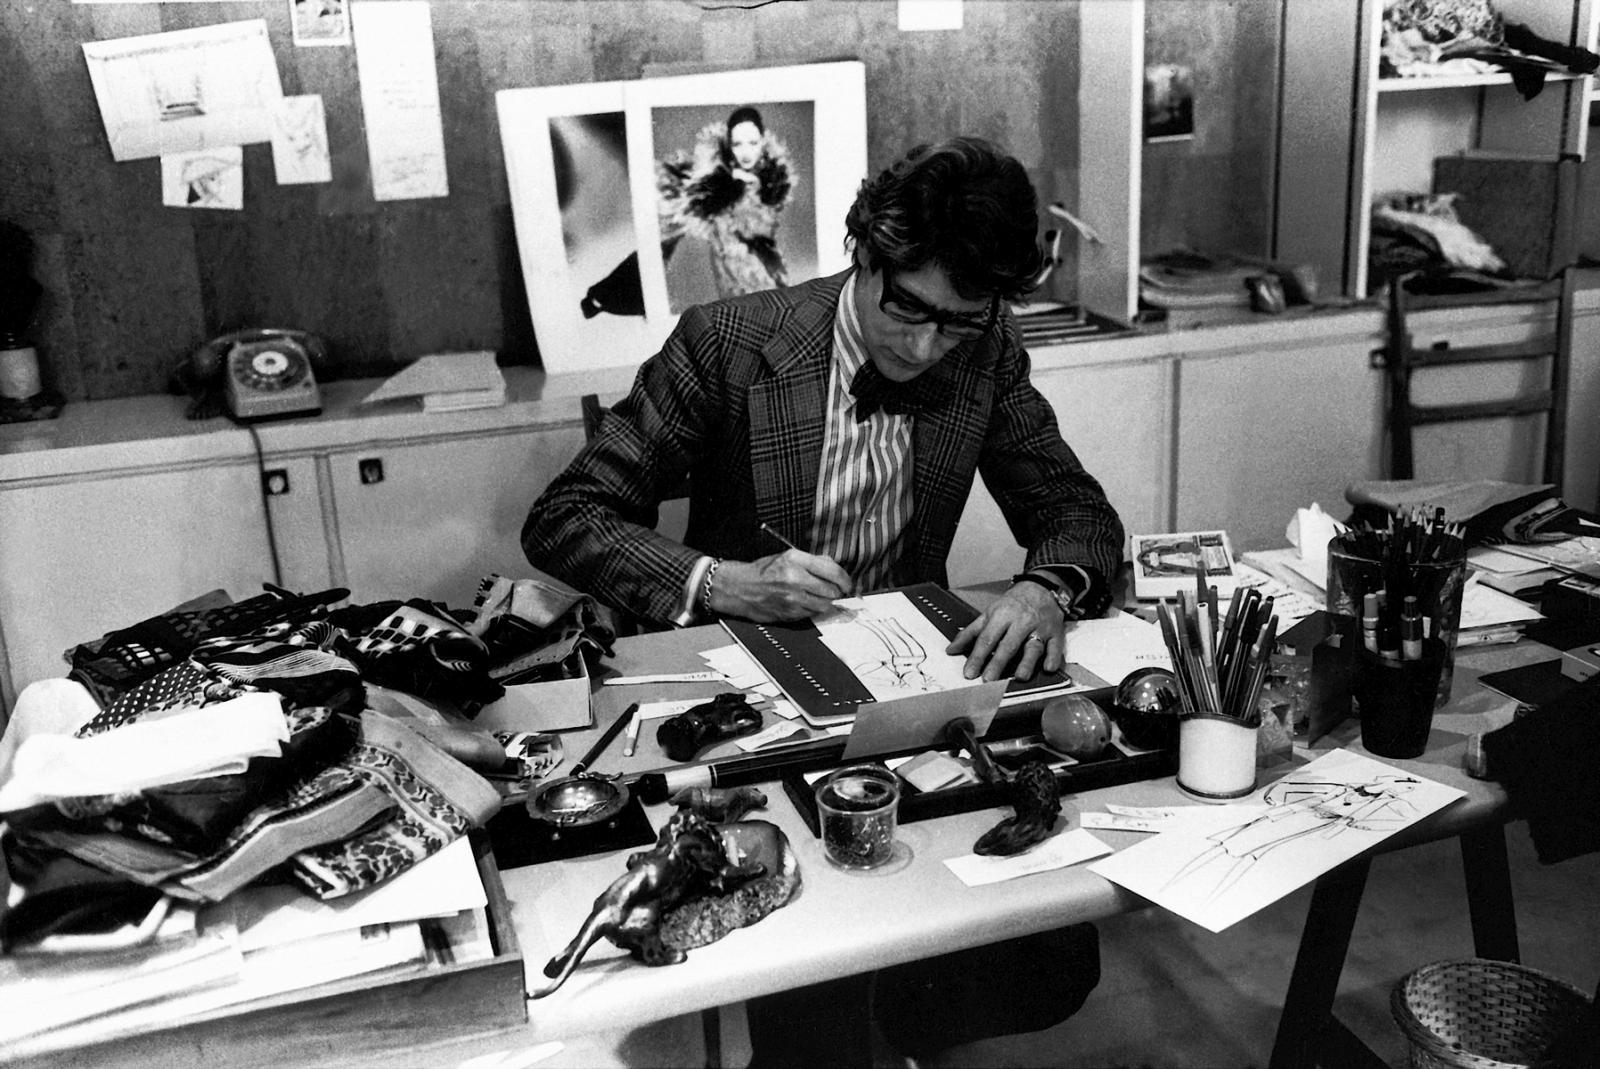 Yves Saint Laurent à son bureau, studio du 5 avenue Marceau, Paris, 197